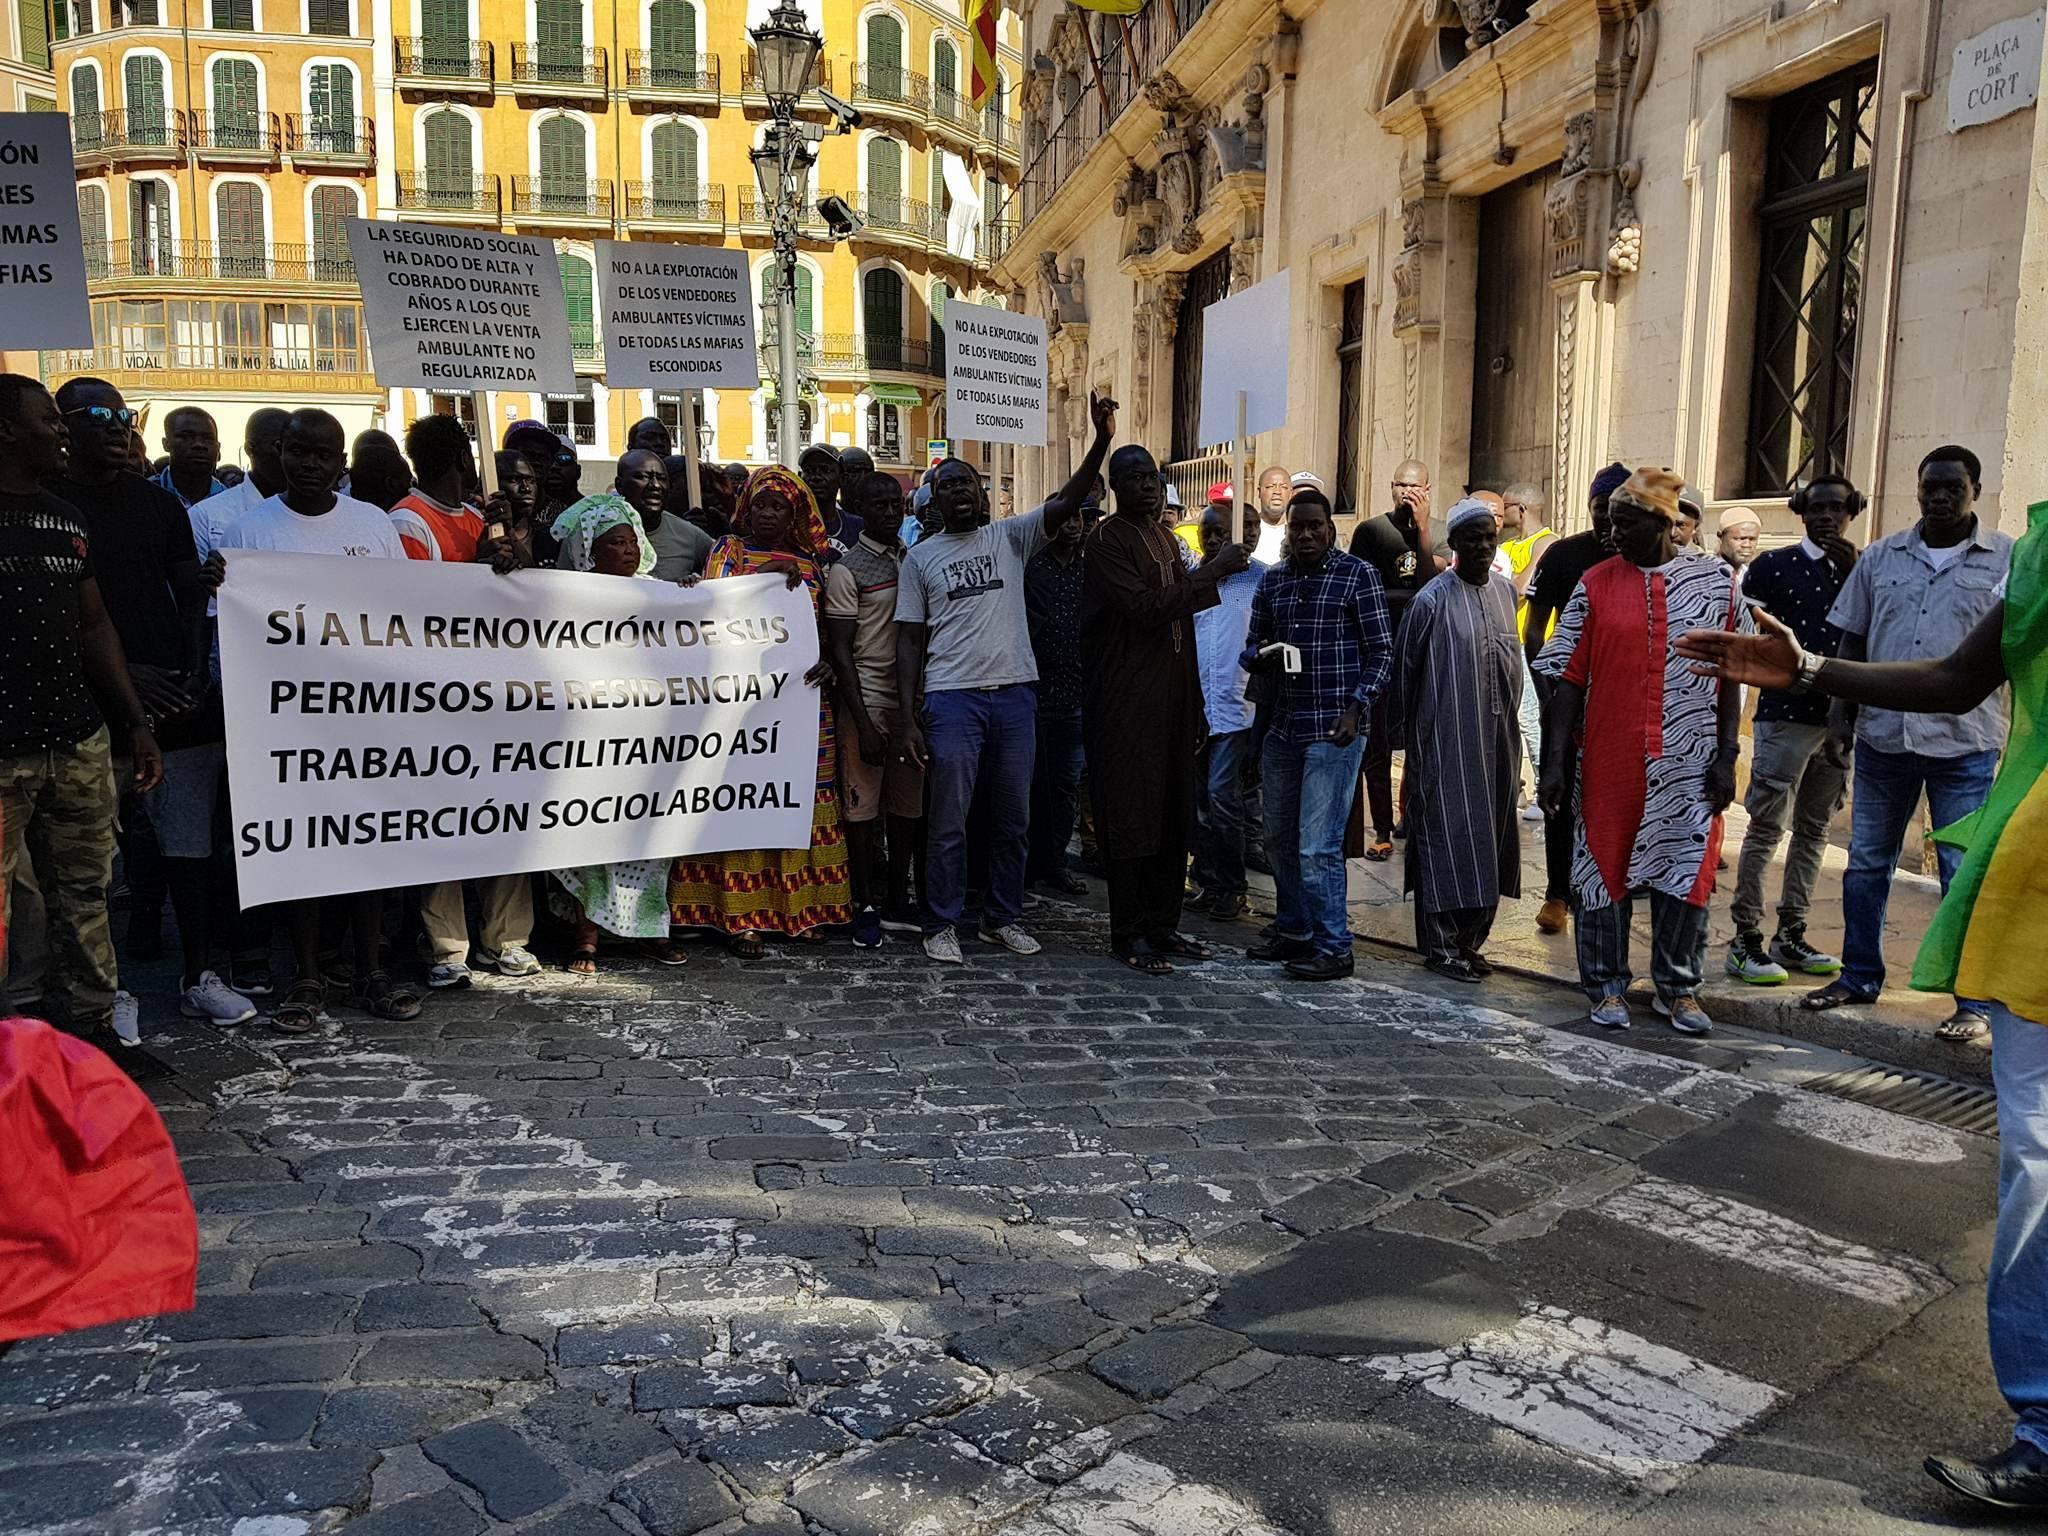 Espagne : des Sénégalais s'attaquent à des citoyens espagnols dans la rue après la mort de Mame Mbaye Ndiaye